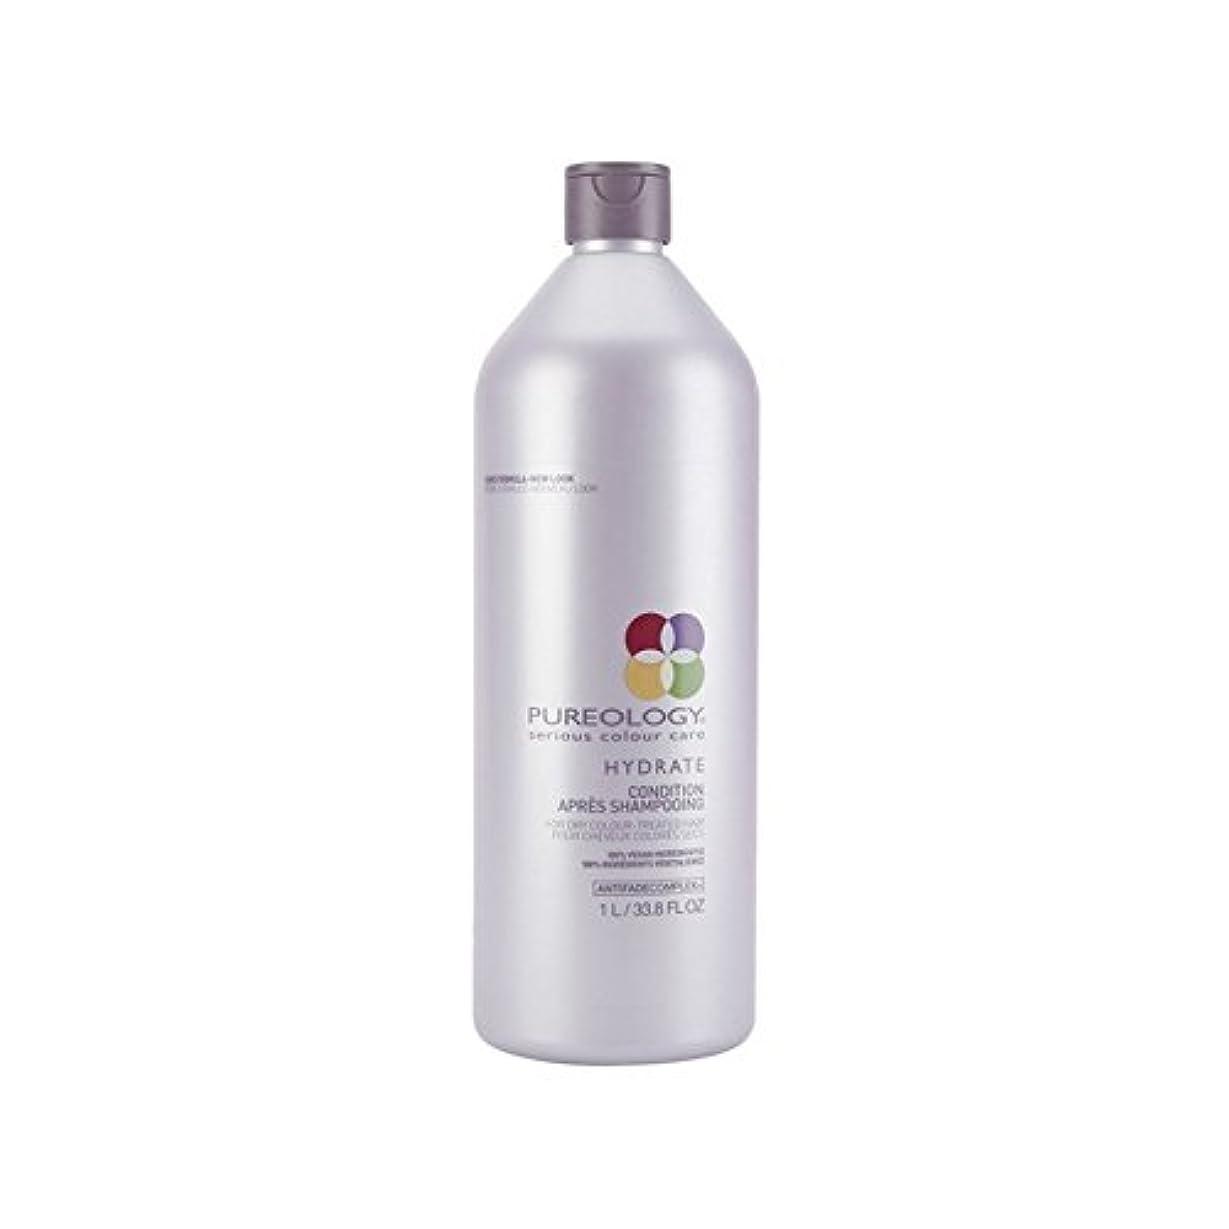 ほとんどない適合巧みな純粋な水和物コンディショナー(千ミリリットル) x4 - Pureology Pure Hydrate Conditioner (1000ml) (Pack of 4) [並行輸入品]